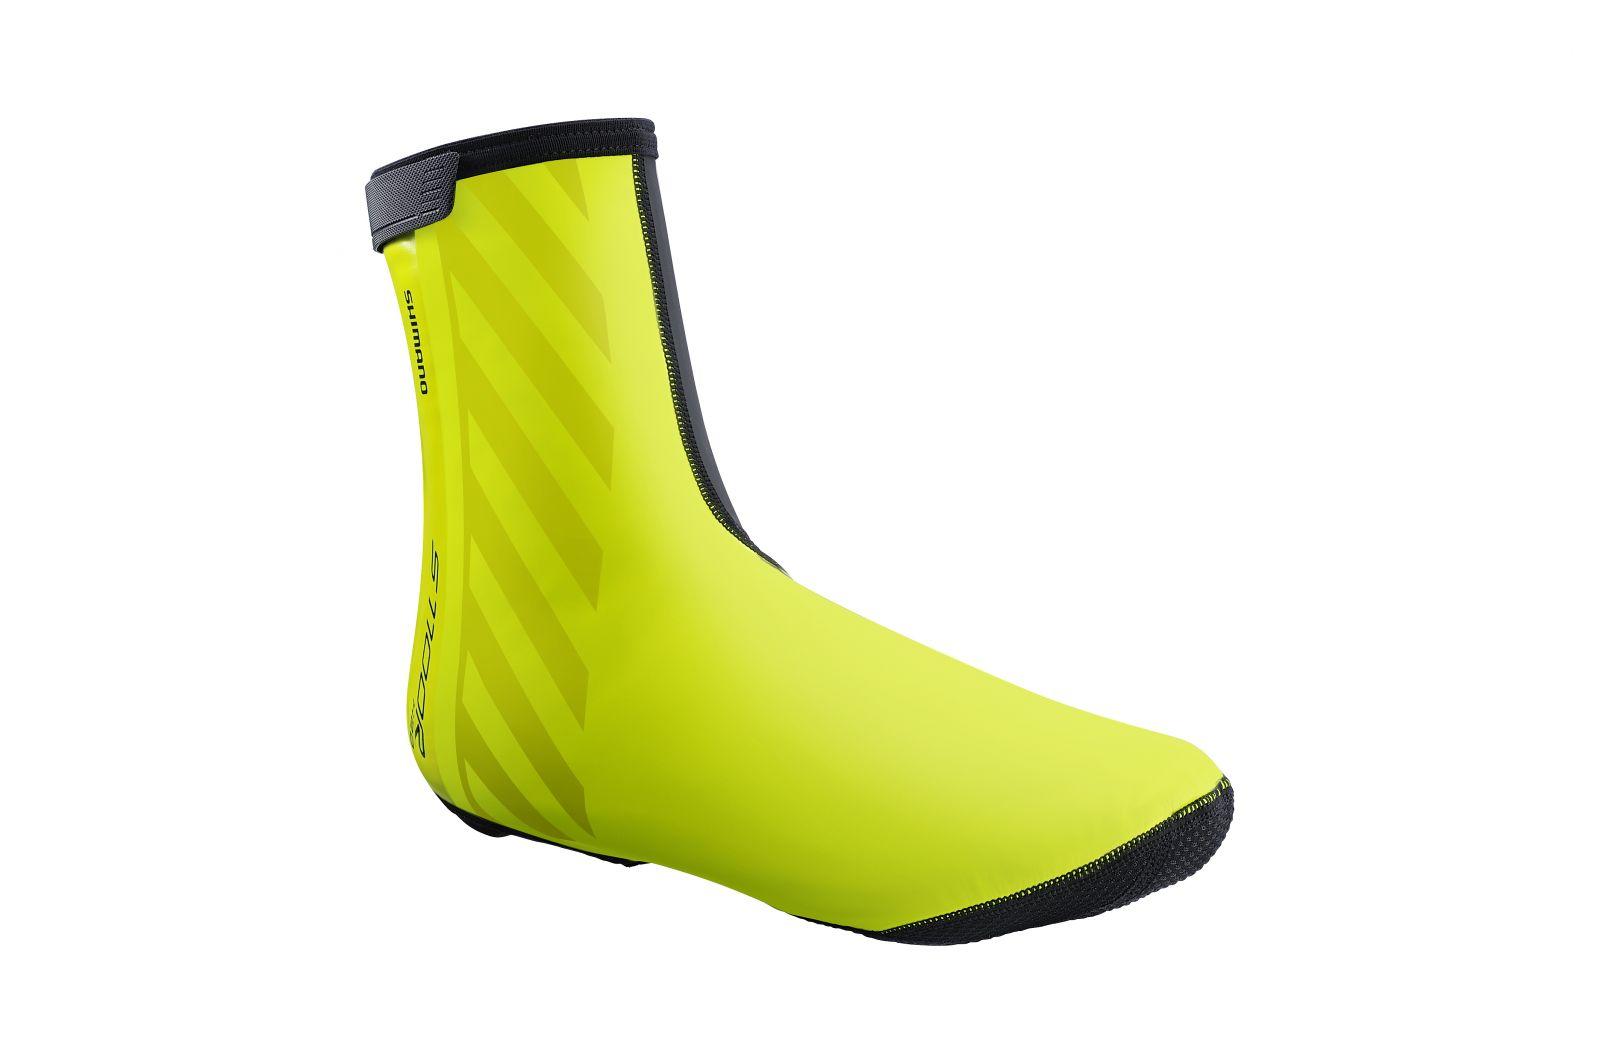 SHIMANO S1100R H2O návleky na obuv, Neon žlutá, XL